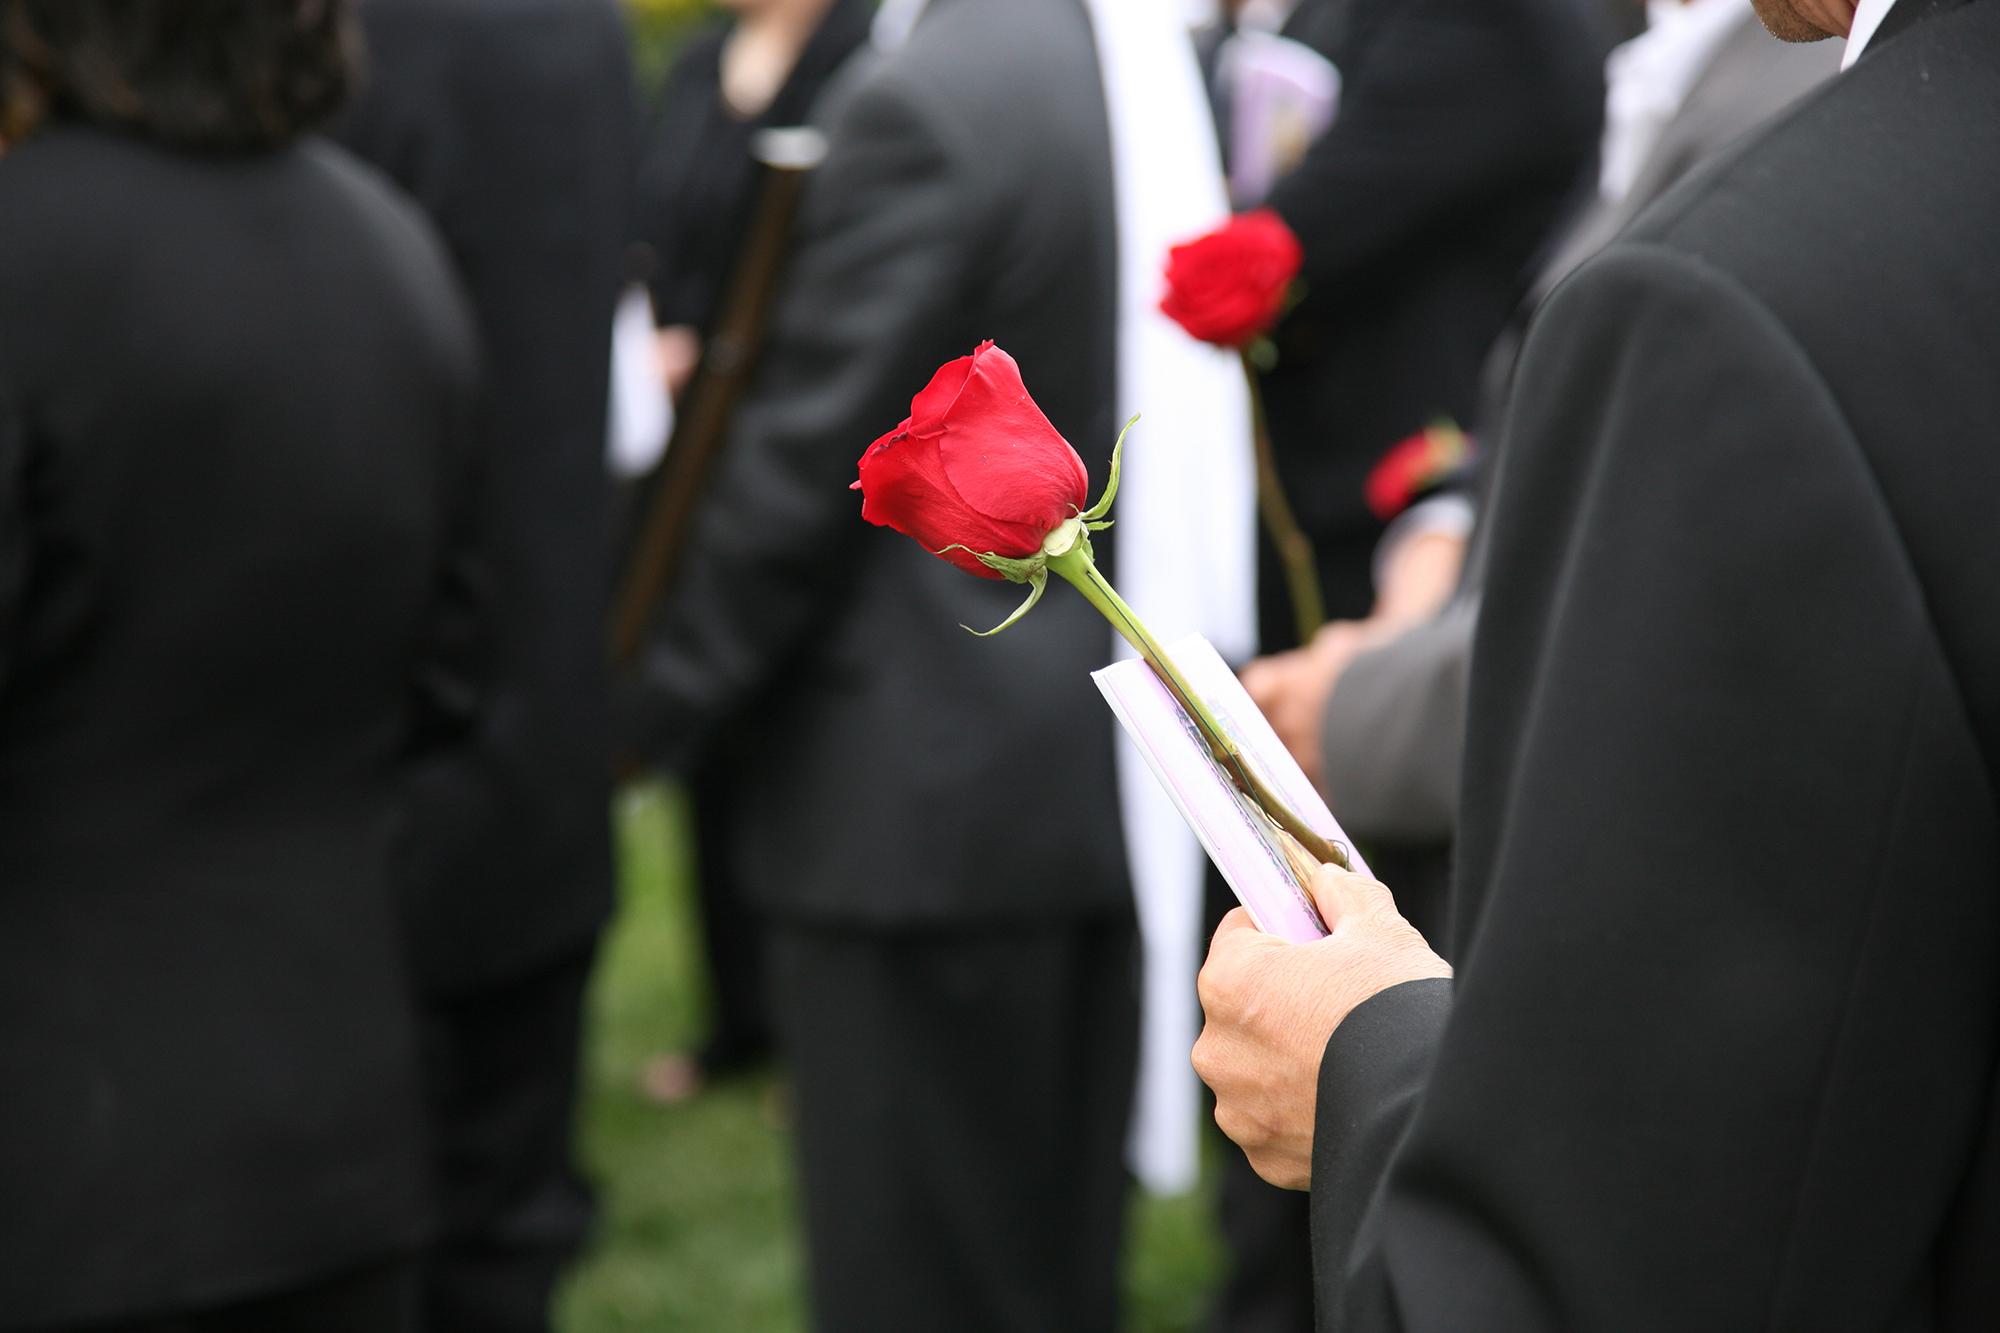 Menschen auf einer Beerdigung